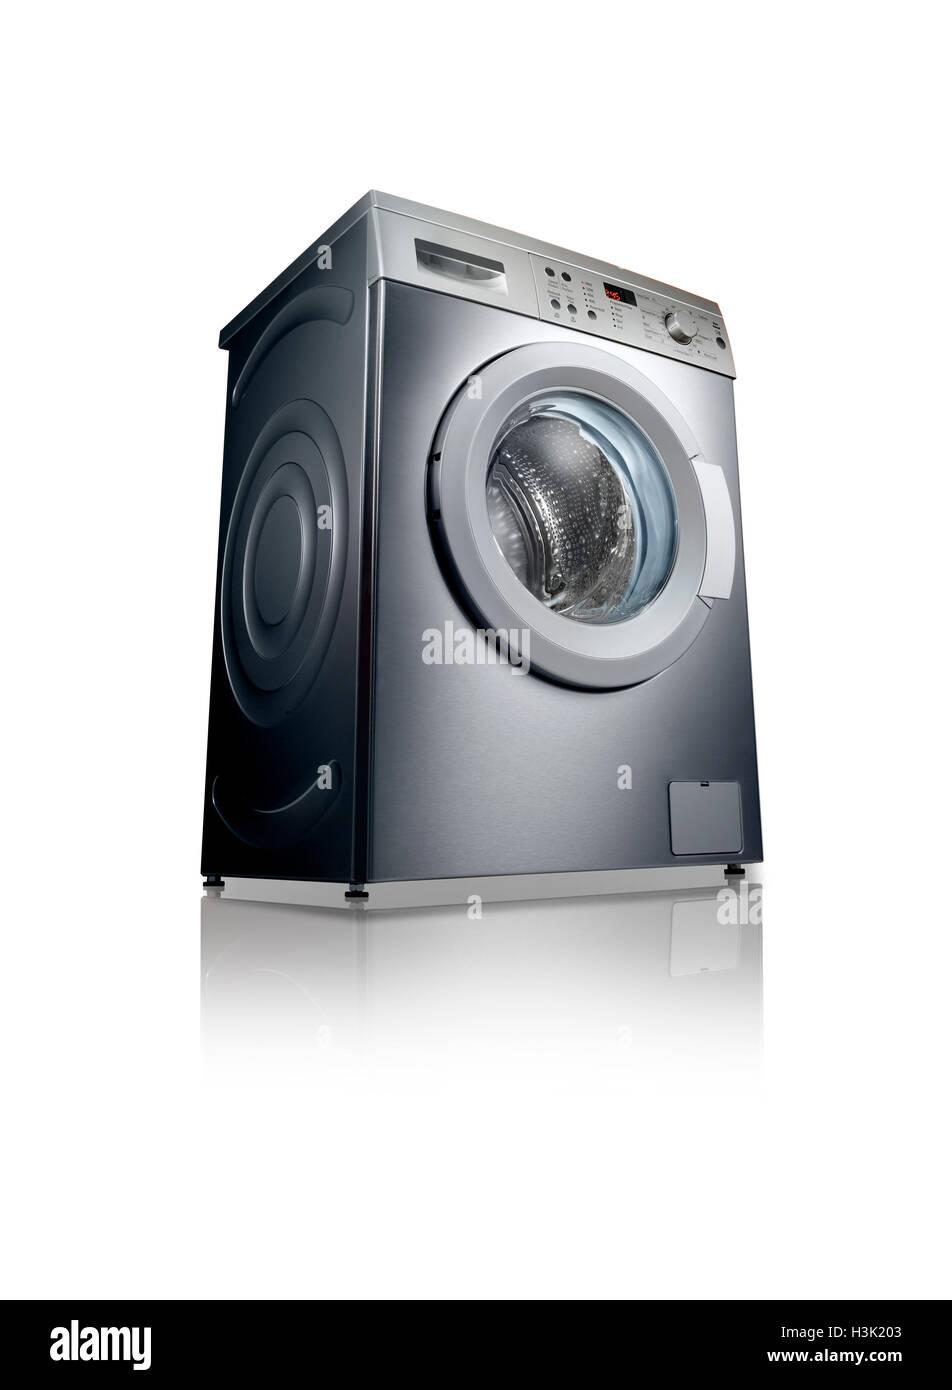 Un disparo de una lavadora con una reflexión sobre un fondo blanco. Imagen De Stock